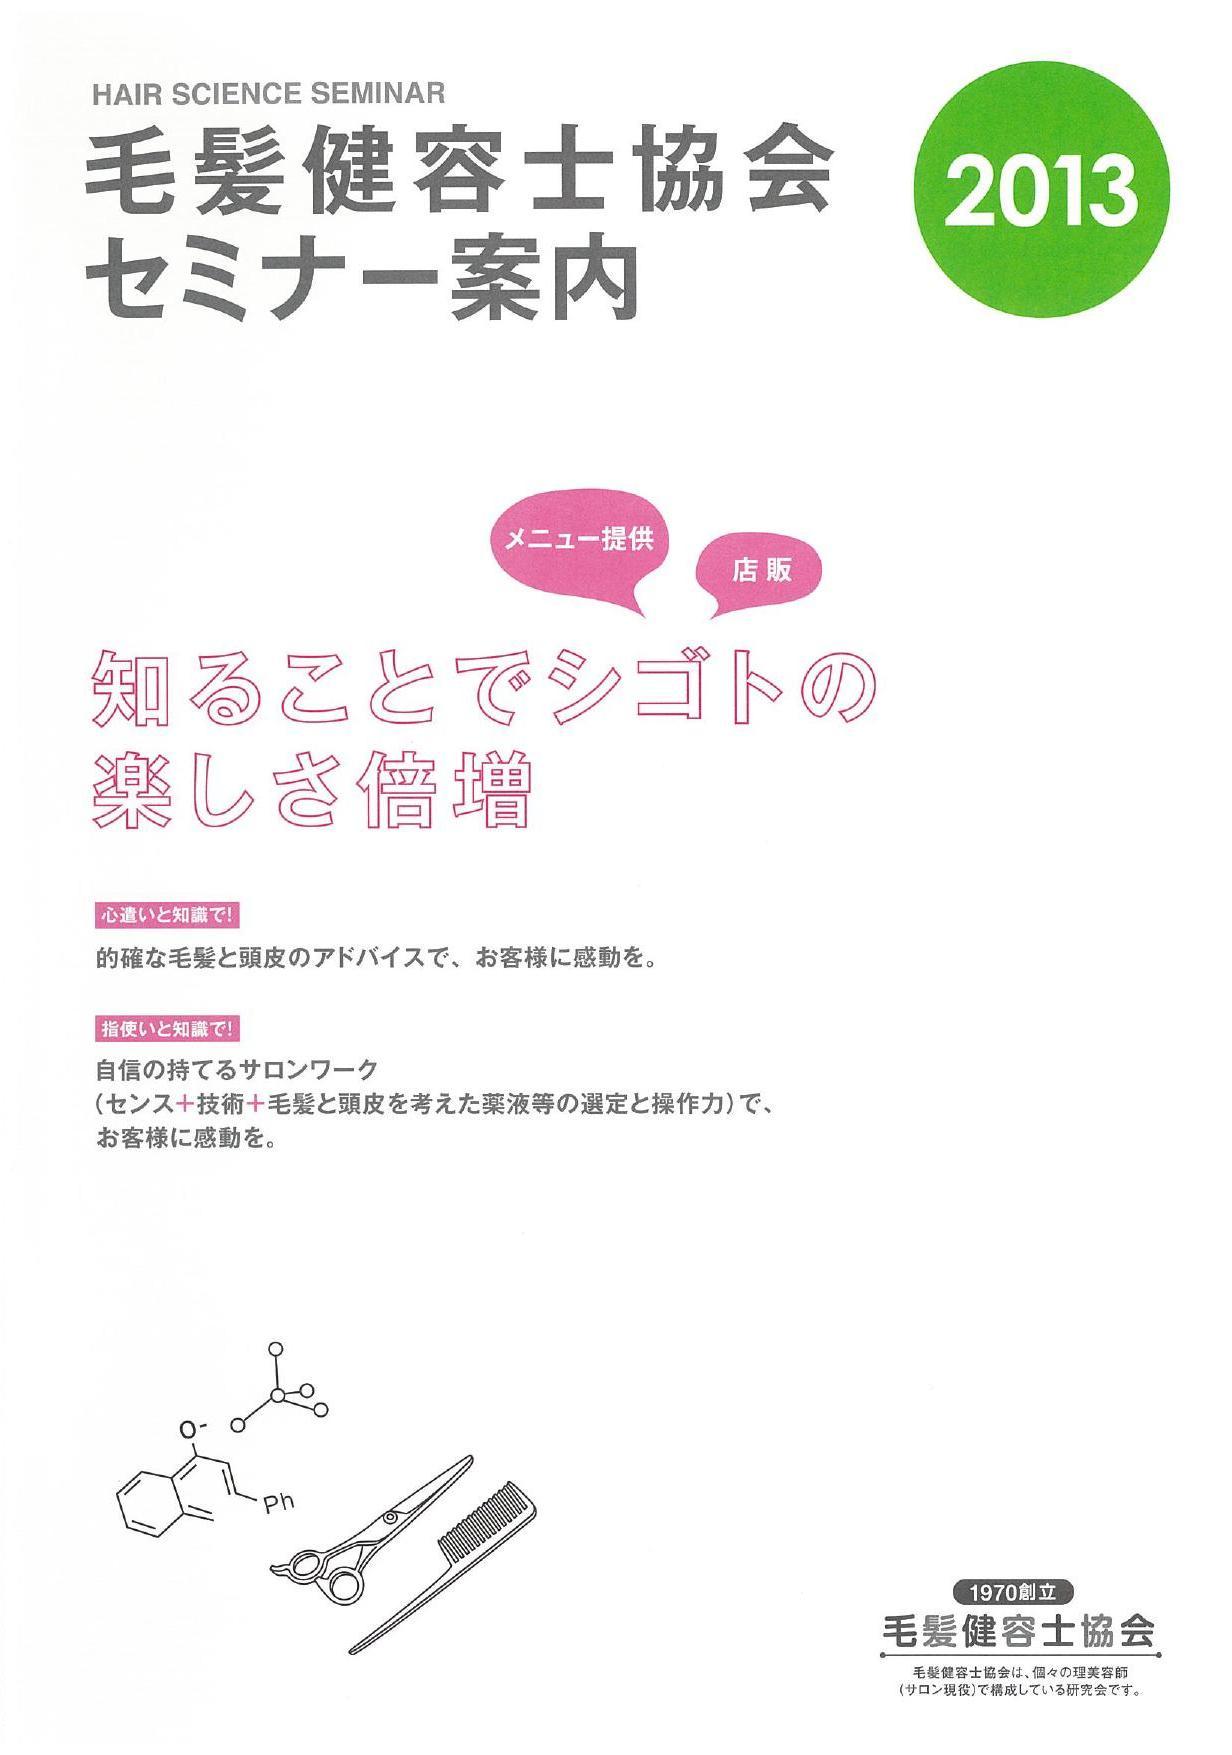 コピー ~ 2013_hair0001